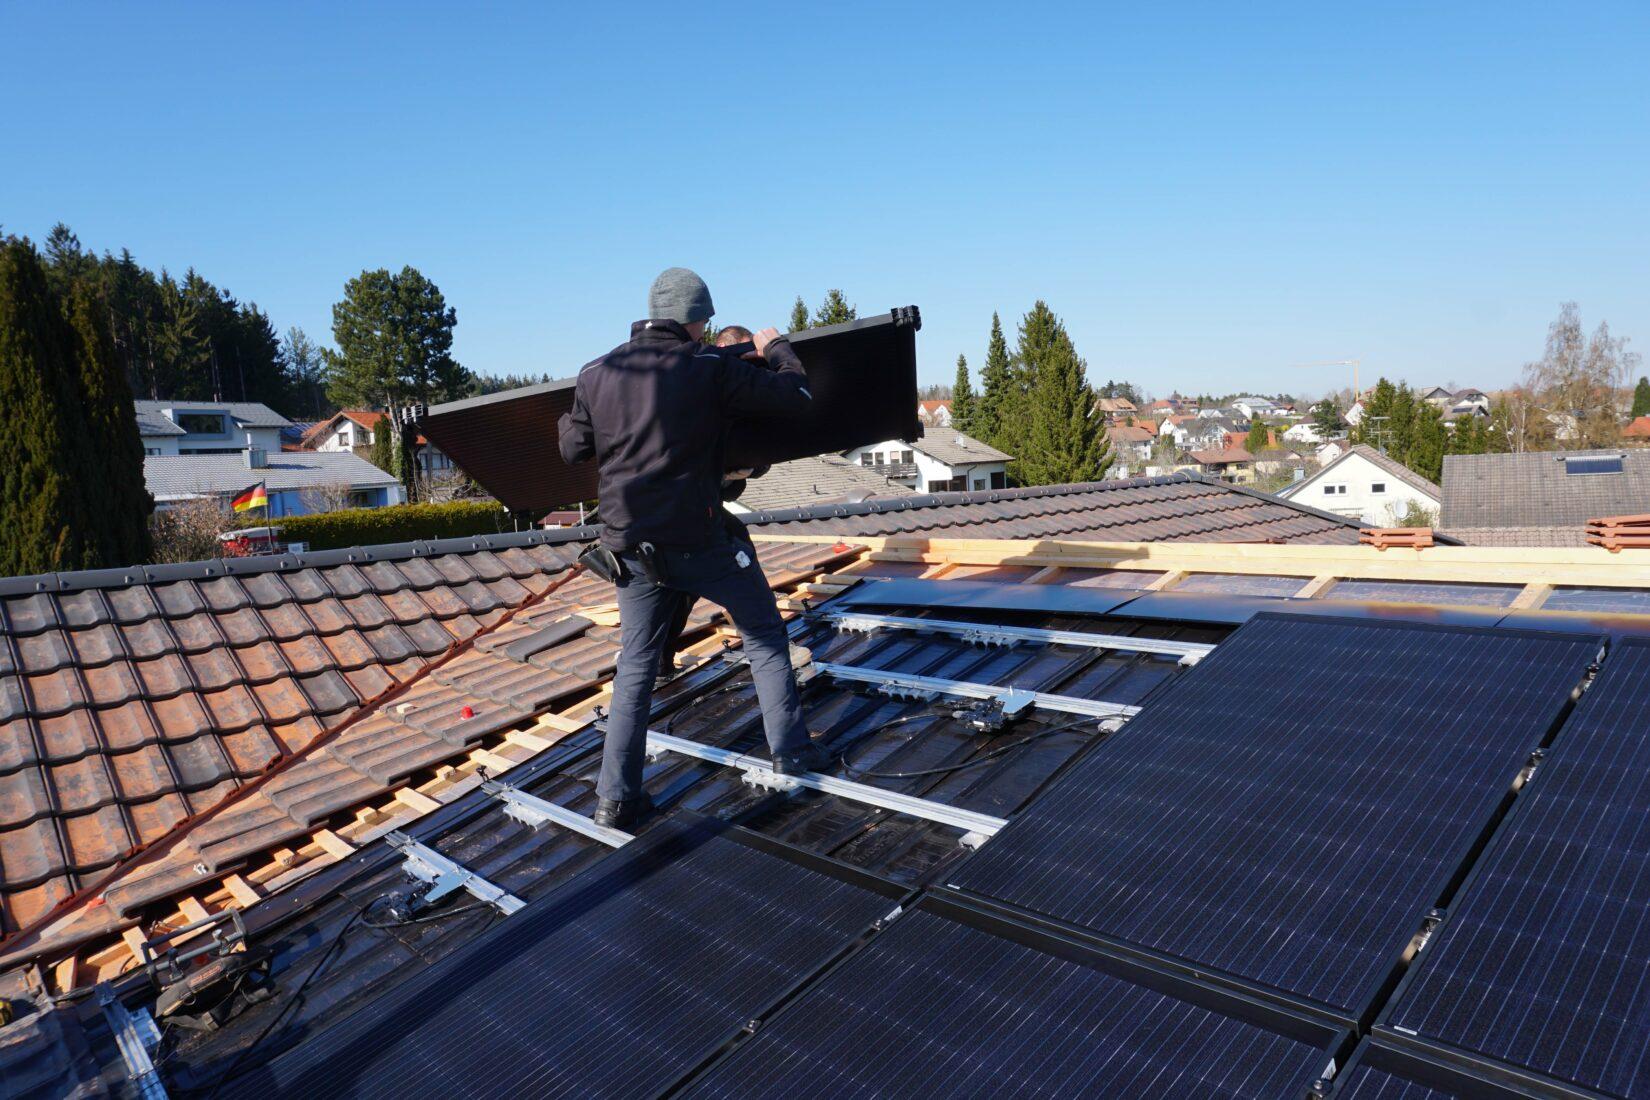 Die Photovoltaikanlage mit Mikrowechselrichtern ist einfach einzubauen.  Alle Fotos: Creaton GmbH